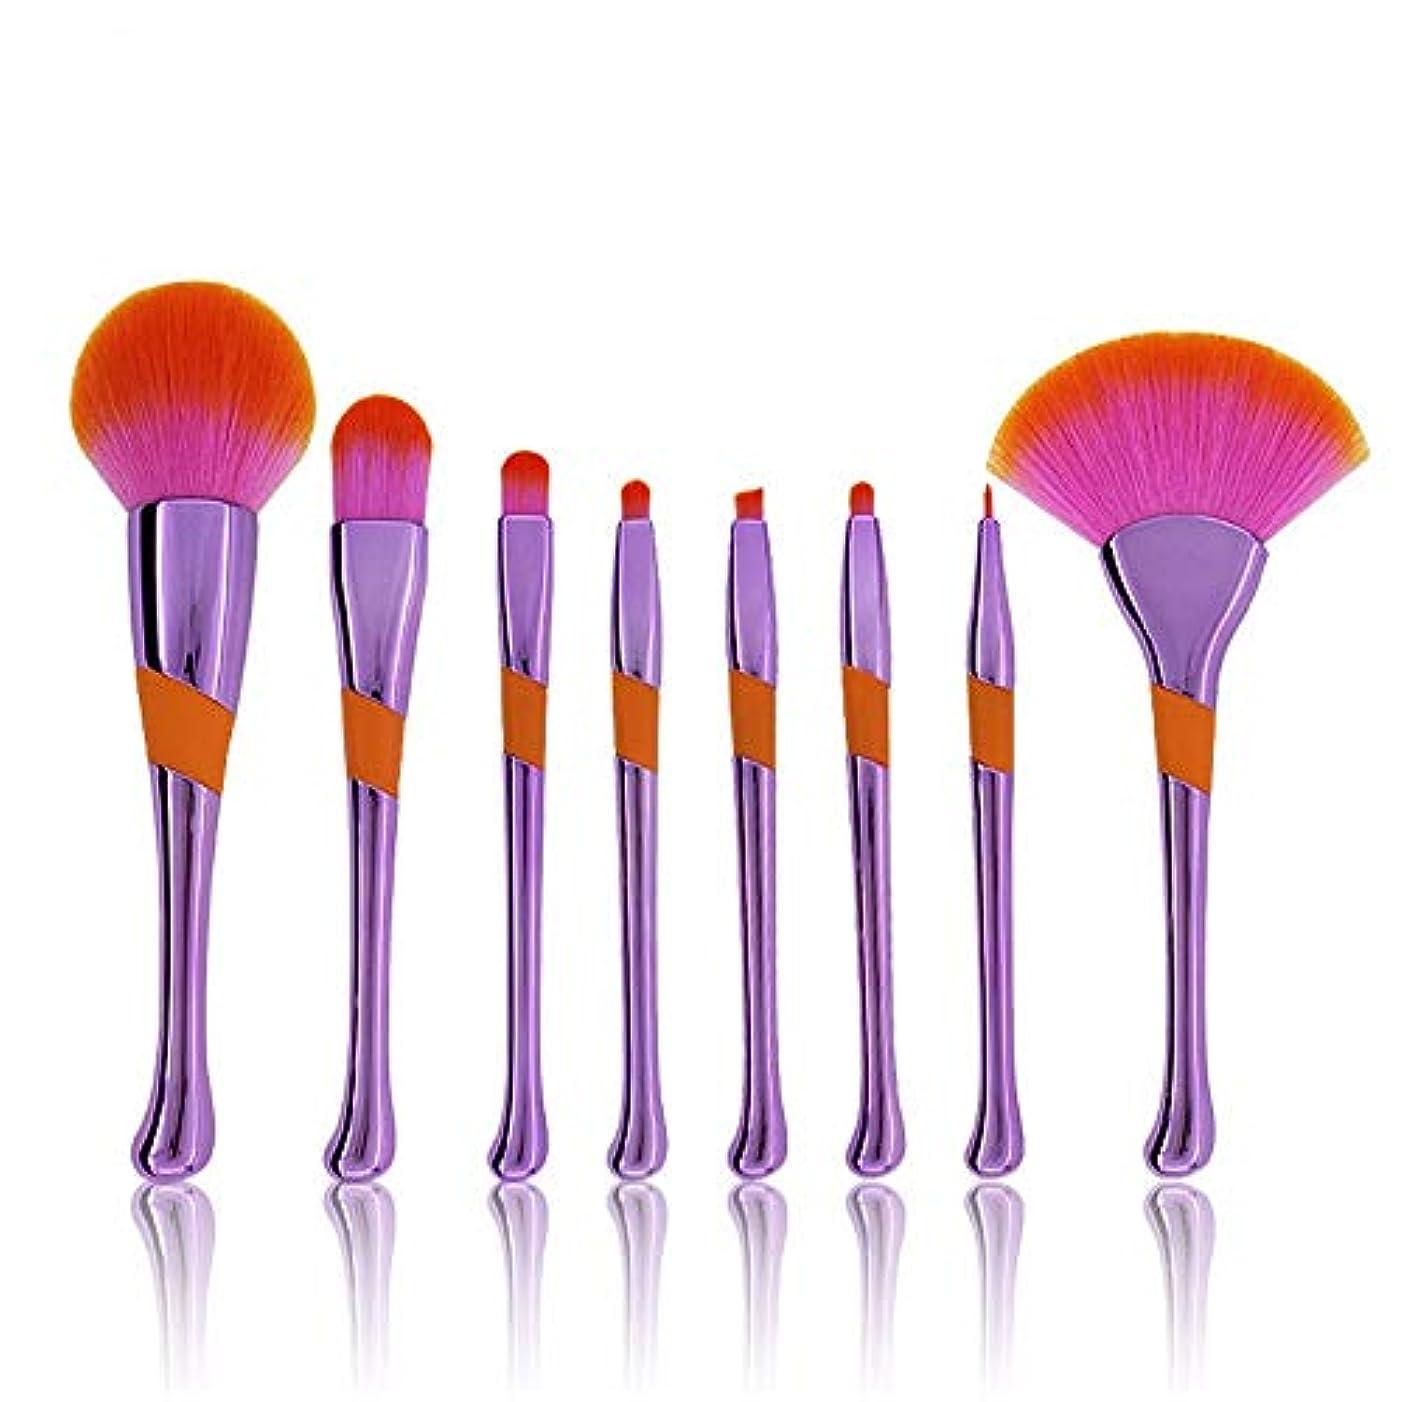 解釈的取り出す重くするMakeup brushes 8ピースセットガールハートメイクブラシフリーパウダーブラシアイシャドウブラシブラッシュブラシ suits (Color : Purple)